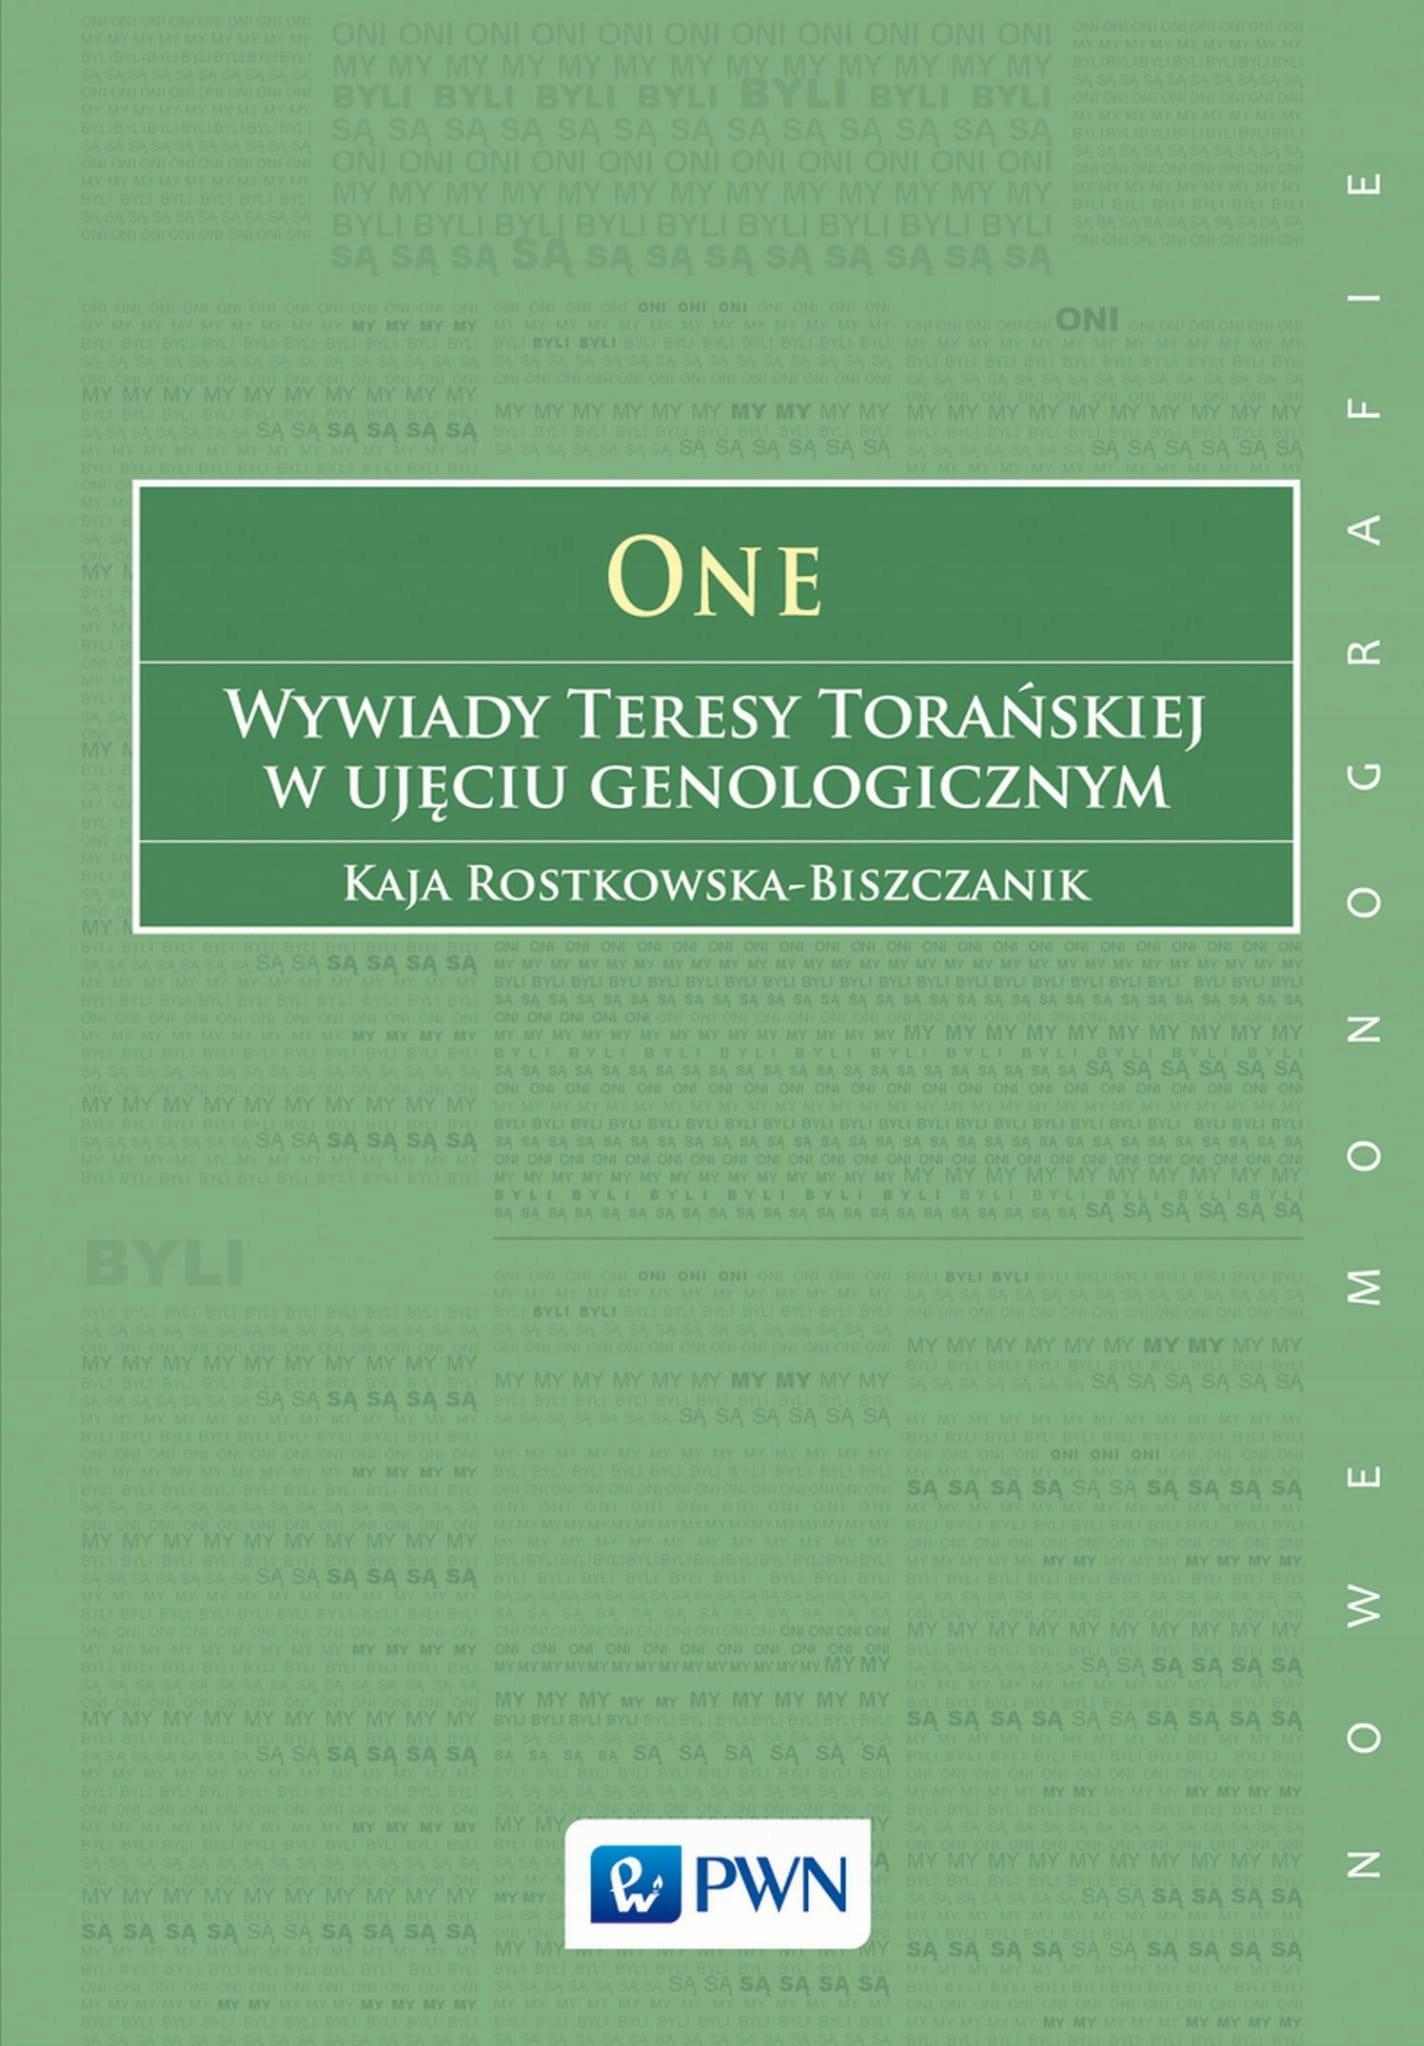 One Wywiady Teresy Torańskiej Rostkowska